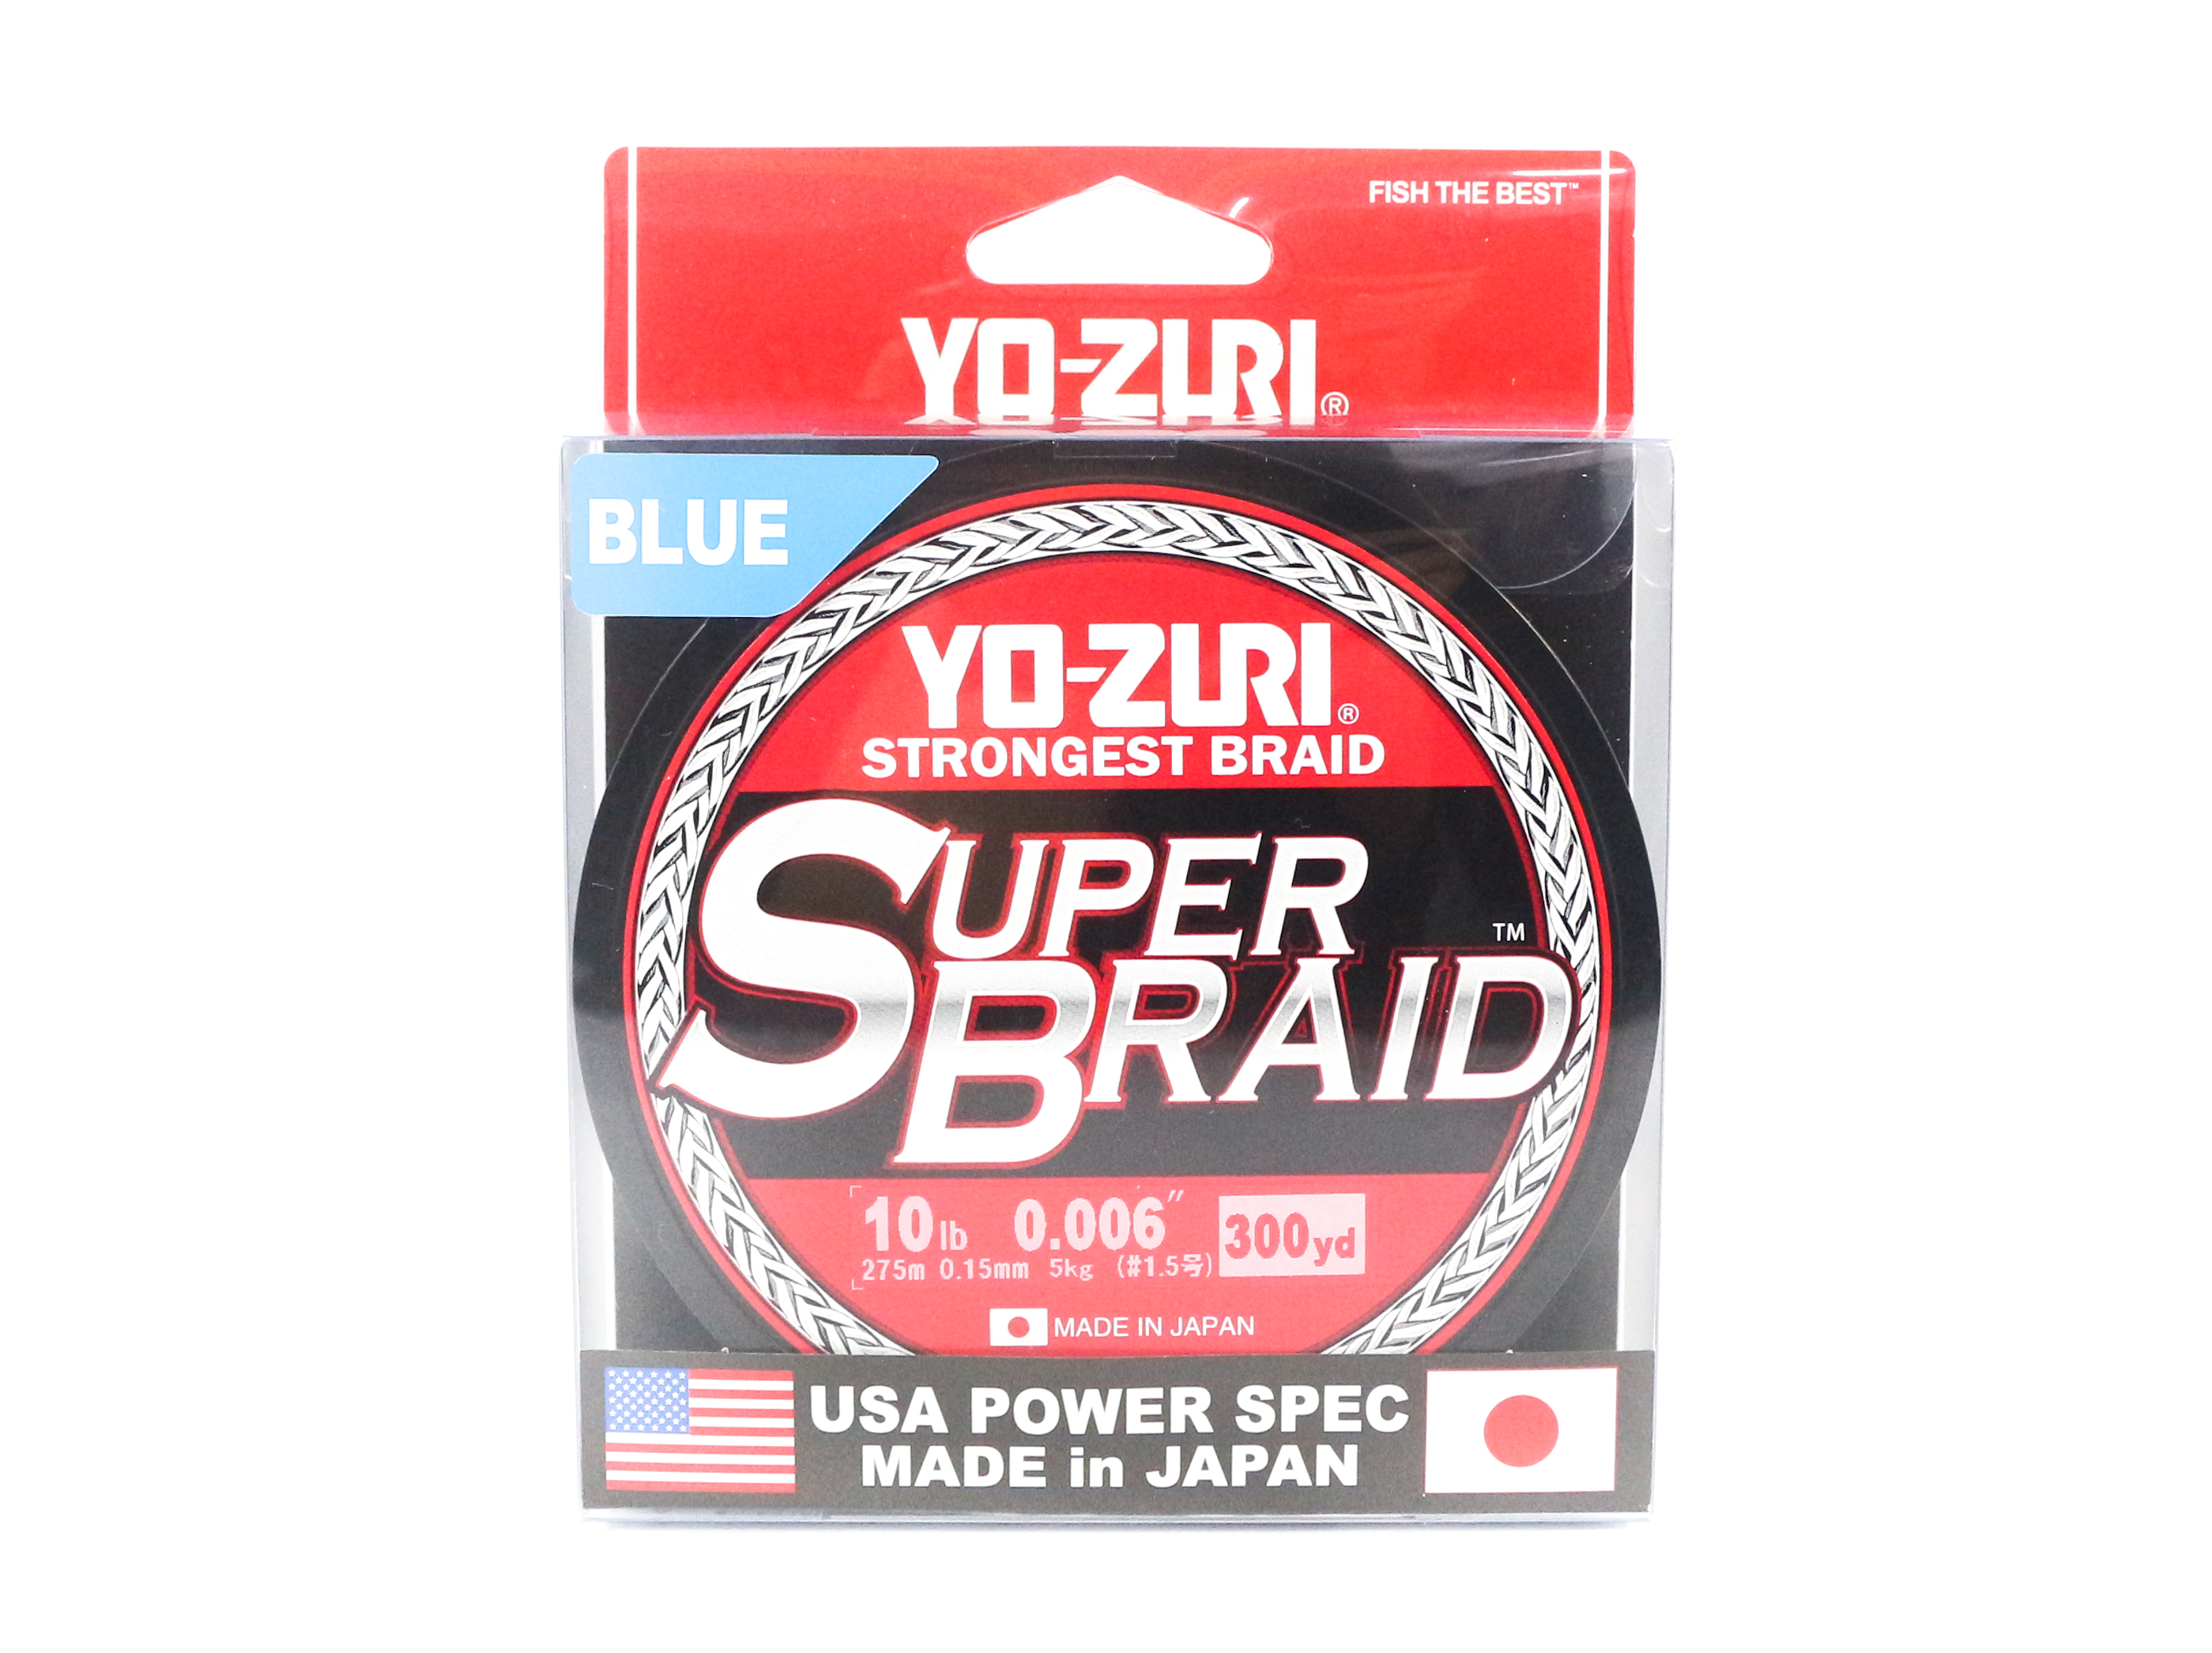 Yo Zuri Duel P.E Line Super Braid 300YDS 10Lbs (0.15mm) Blue R1264-B